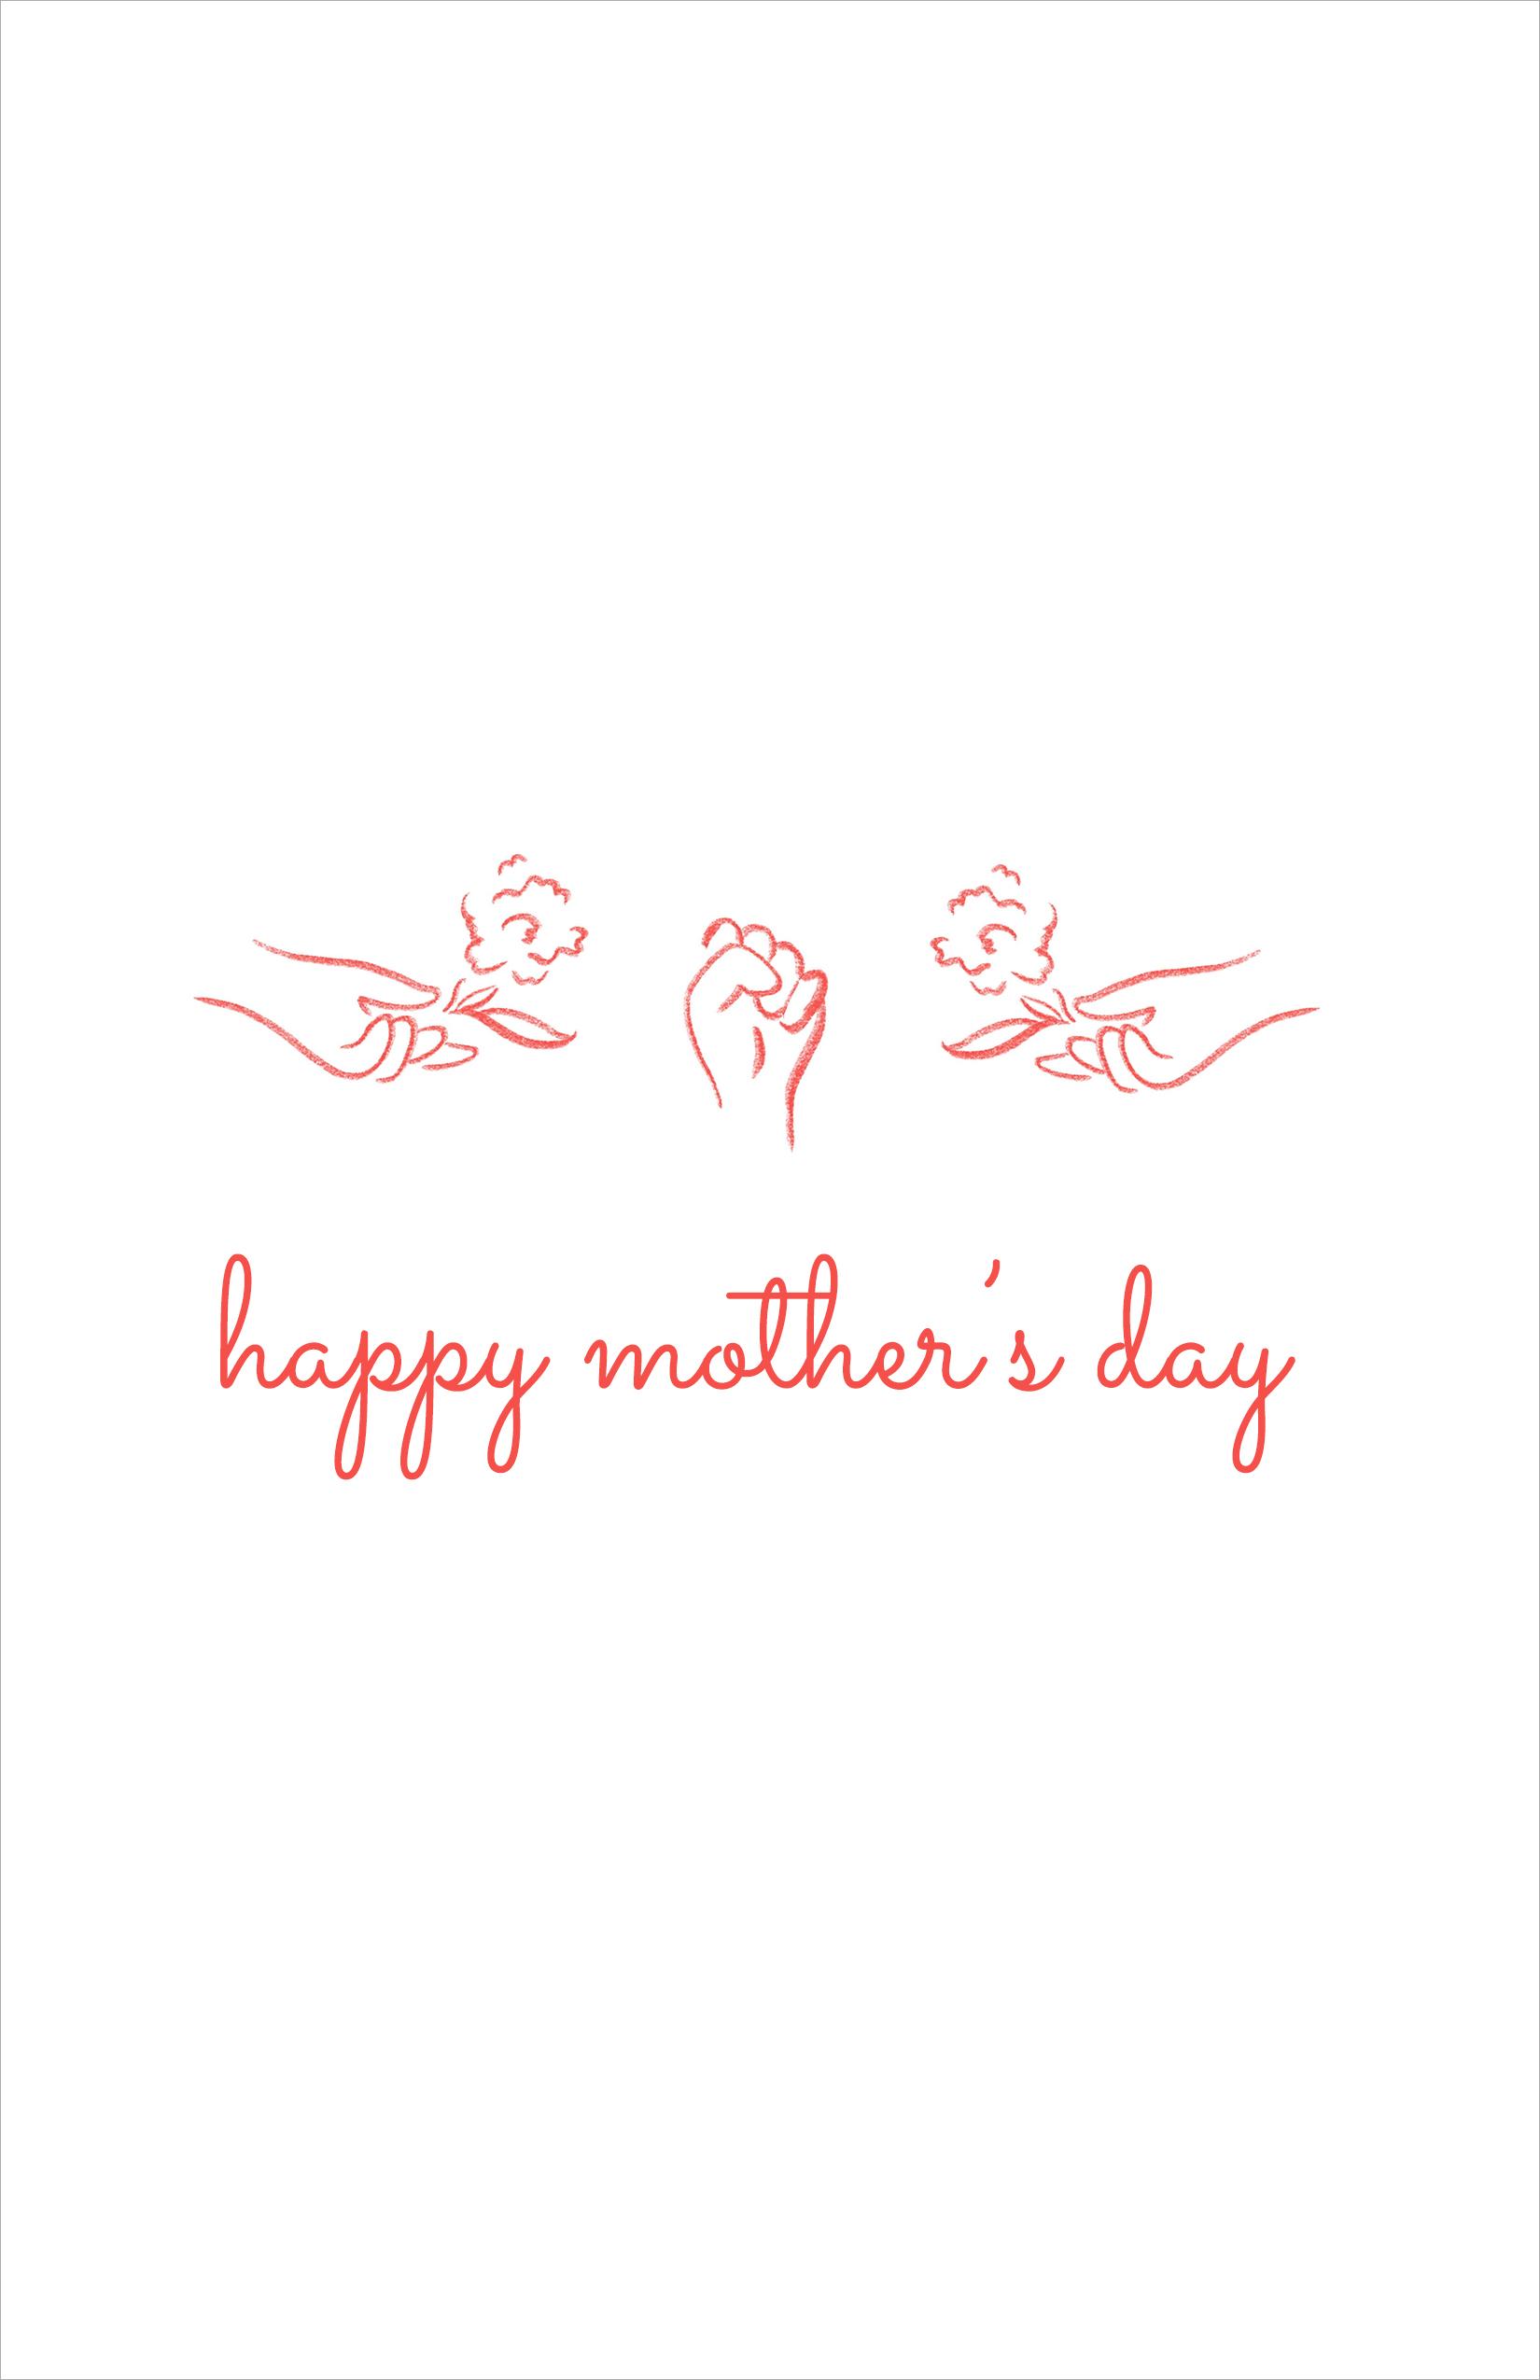 MothersDayCard_3_Thumbnail.jpg